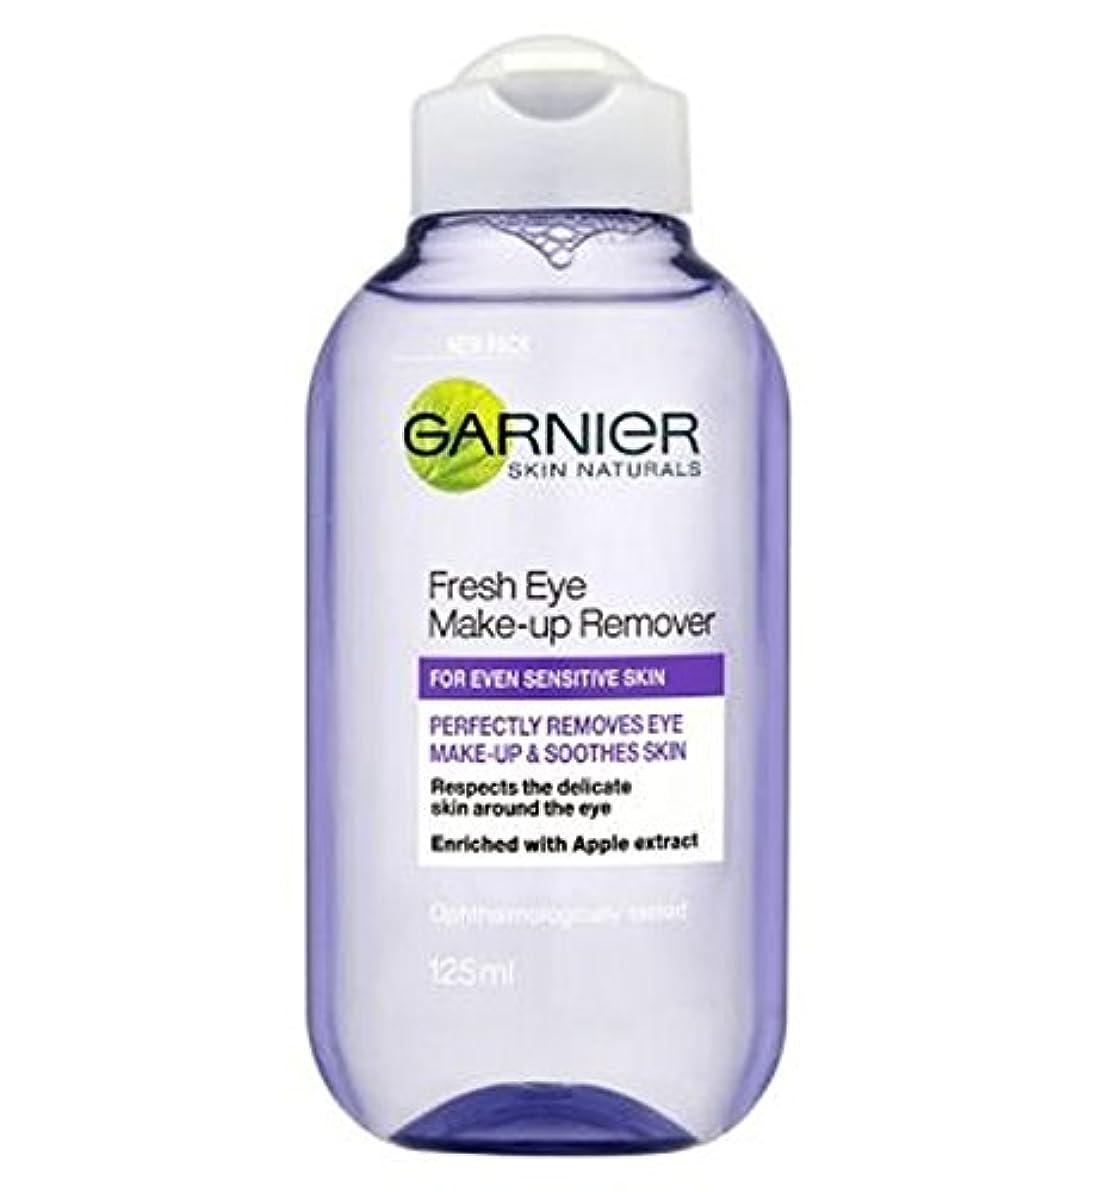 フェデレーションフィードオン近代化ガルニエ新鮮な目作るリムーバー125ミリリットル (Garnier) (x2) - Garnier Fresh Eye Make Up Remover 125ml (Pack of 2) [並行輸入品]